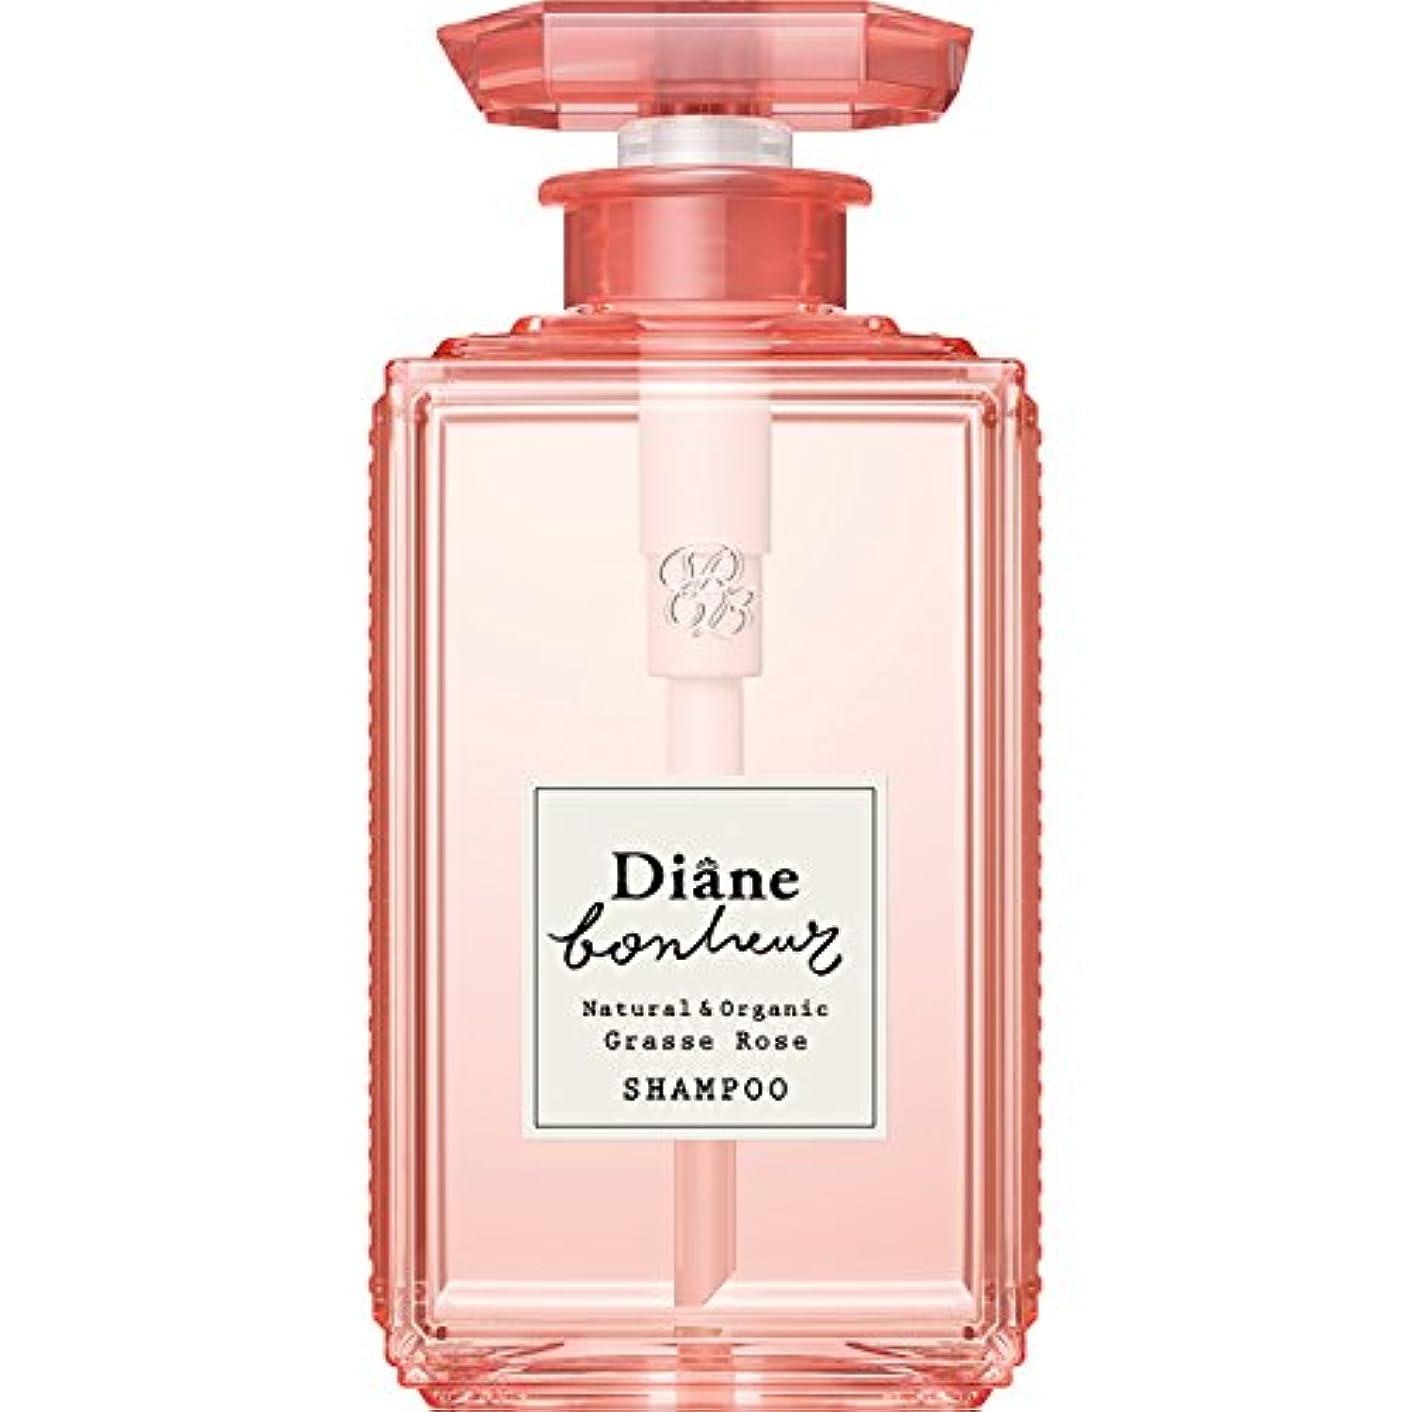 余剰みがきますわなダイアン ボヌール グラースローズの香り ダメージリペア シャンプー 500ml